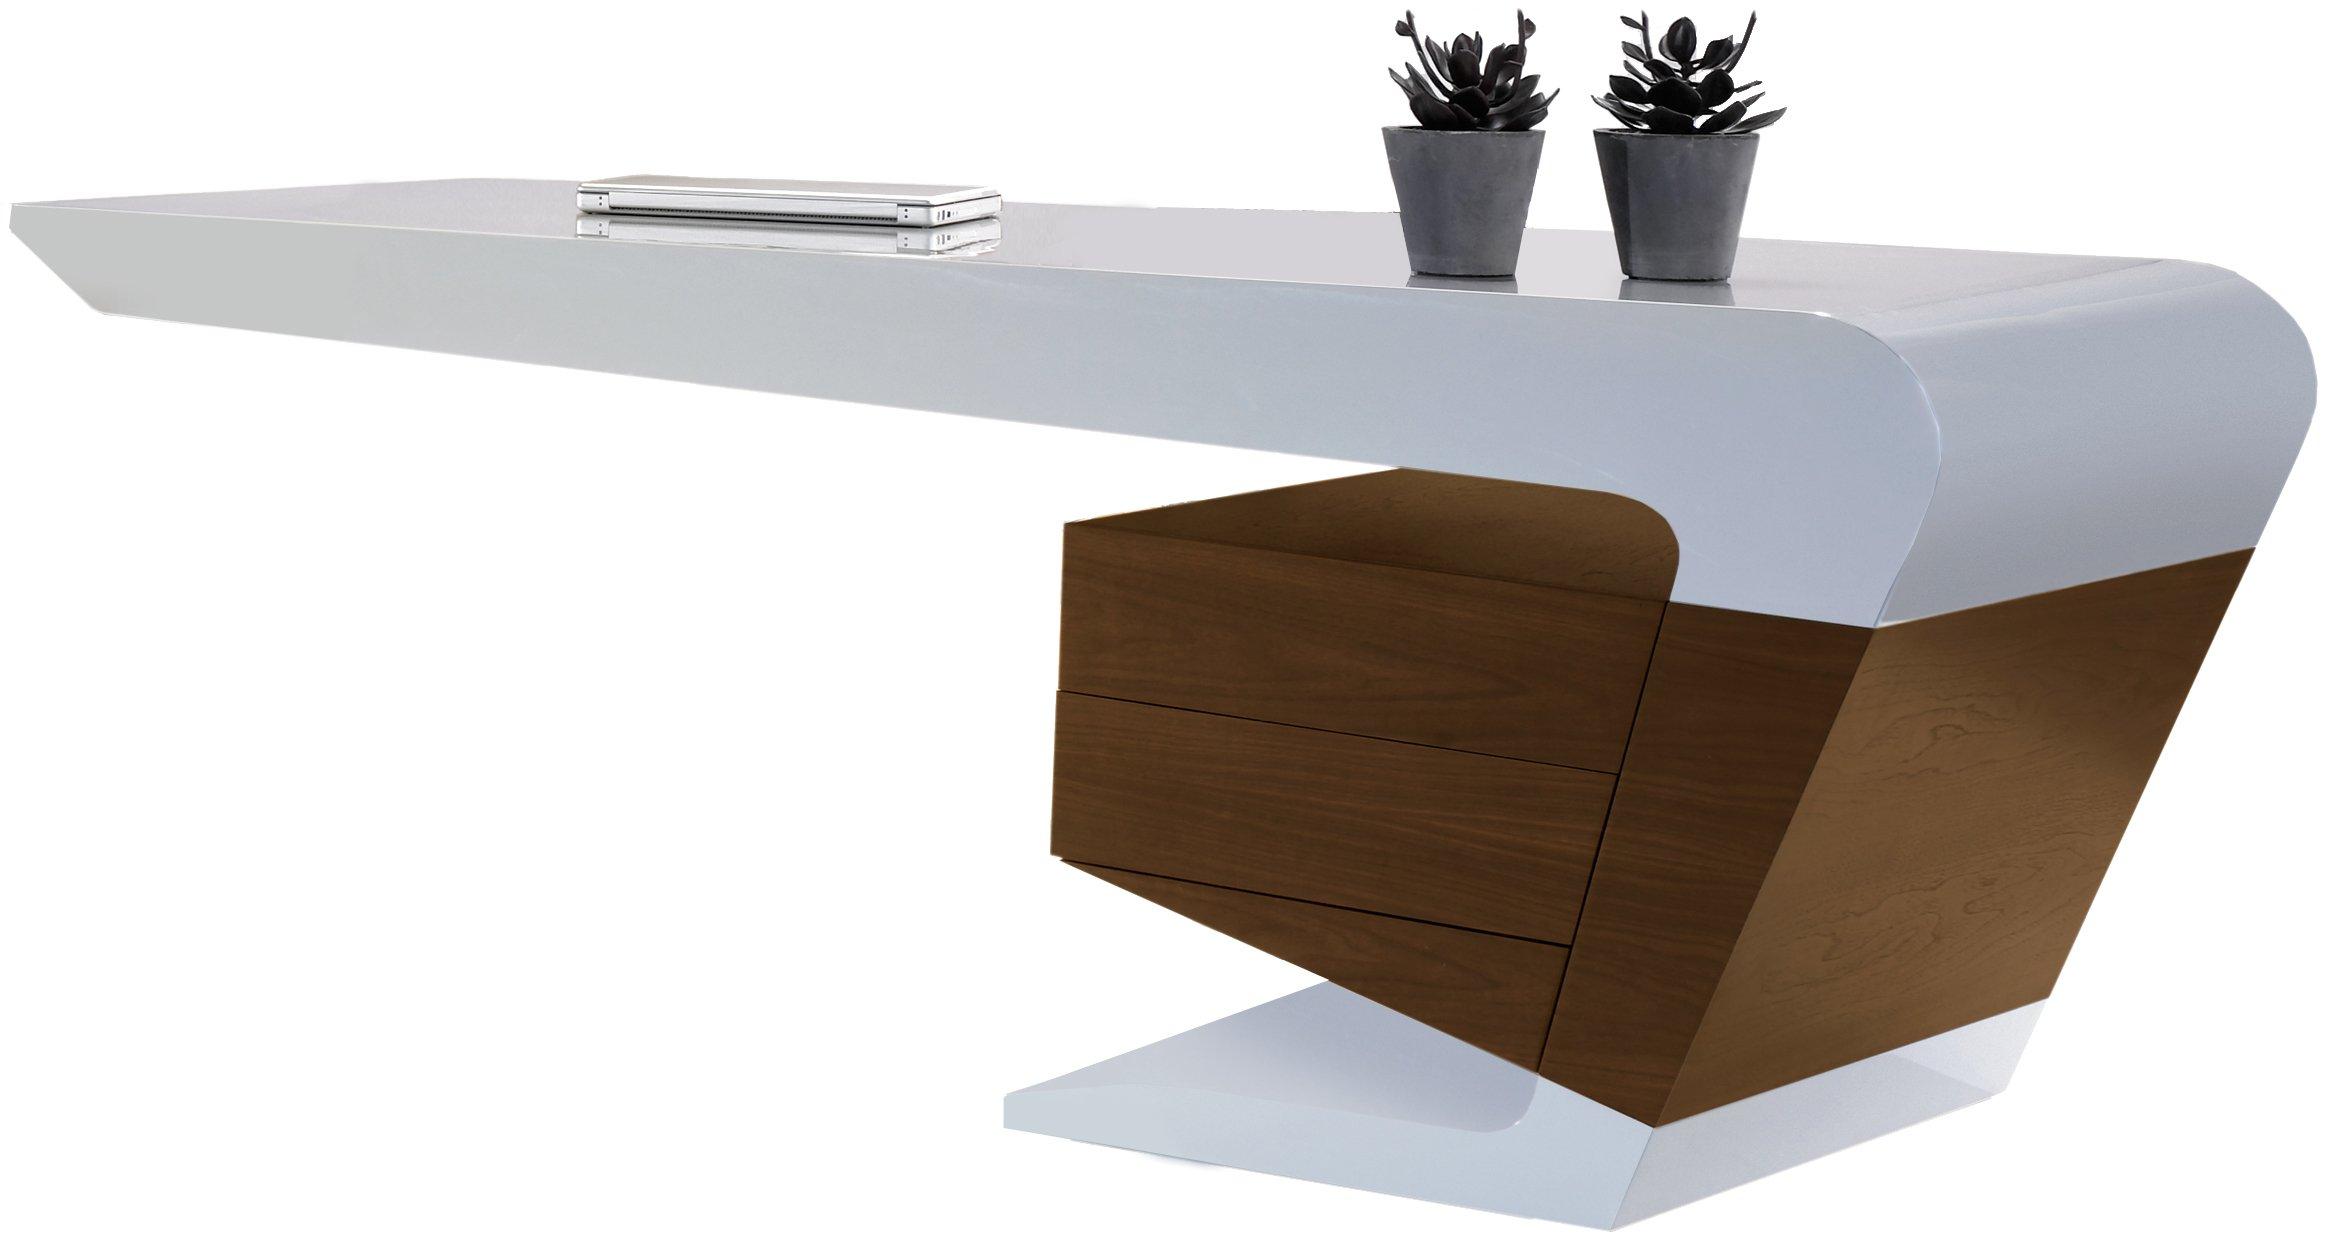 bureau blanc comparer les produits et les prix avec le guide kibodio. Black Bedroom Furniture Sets. Home Design Ideas